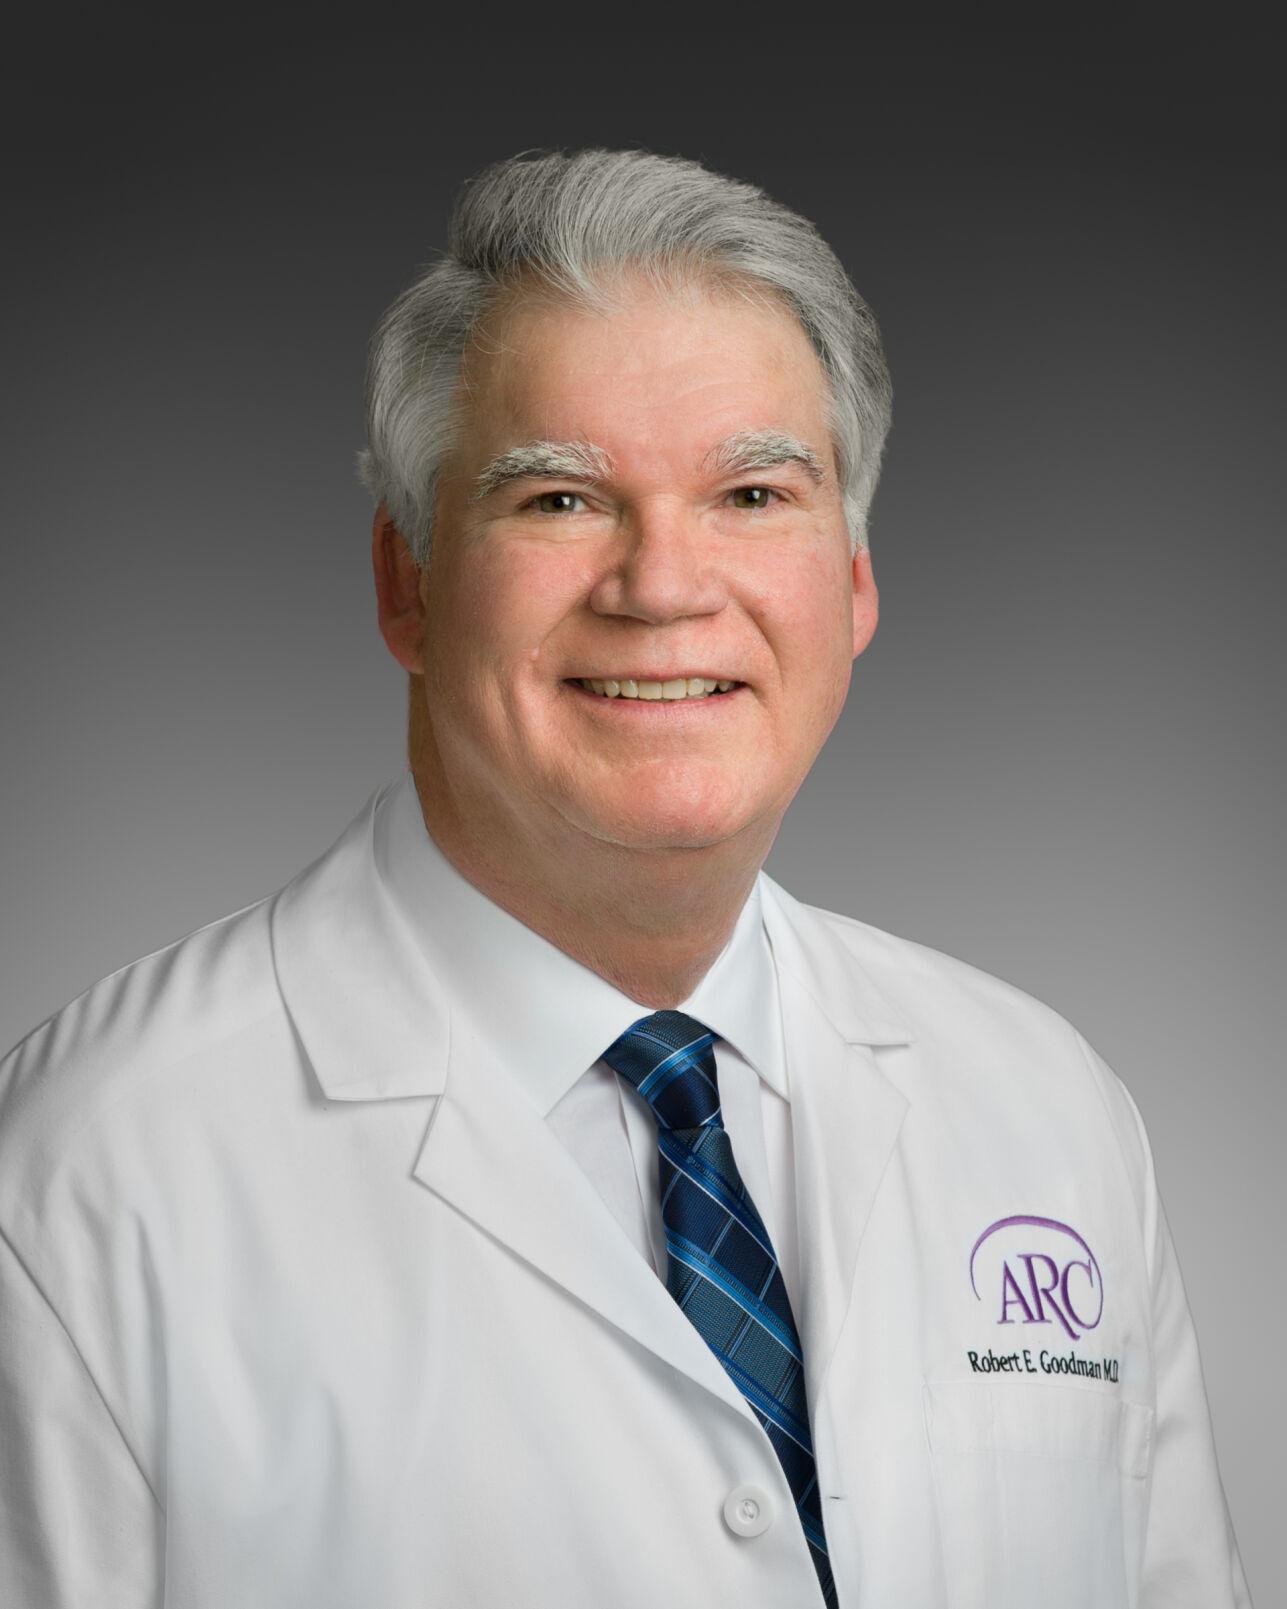 Robert E. Goodman, M.D.